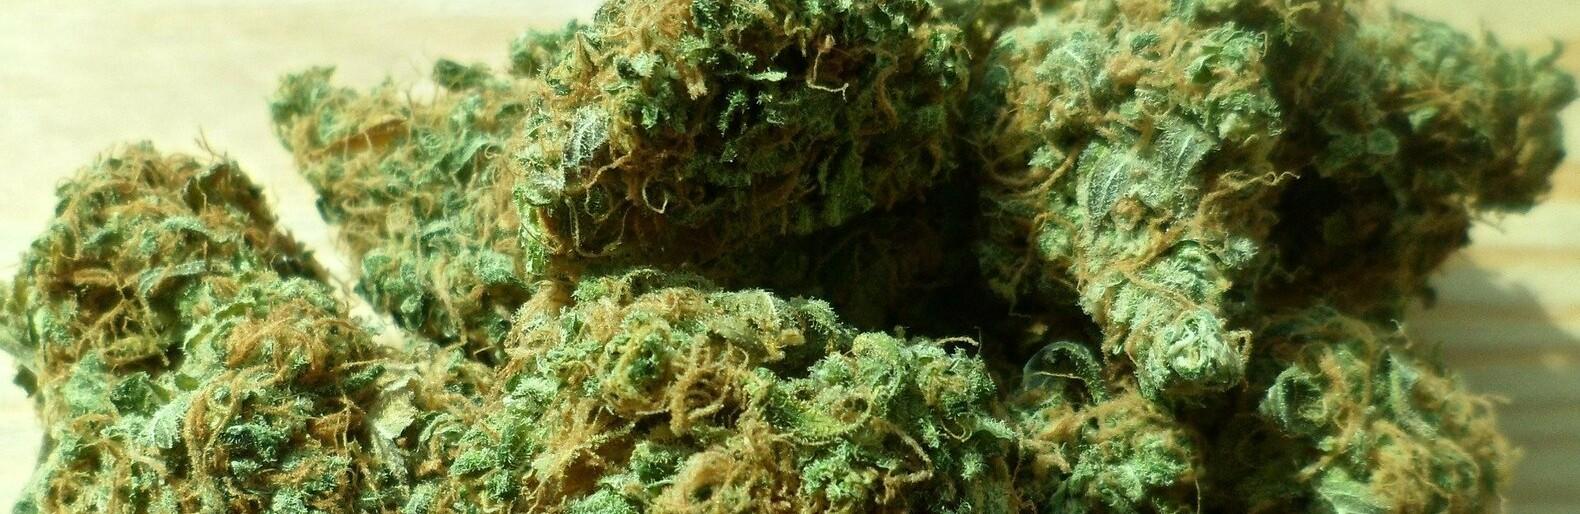 Роды с марихуаной марихуана род